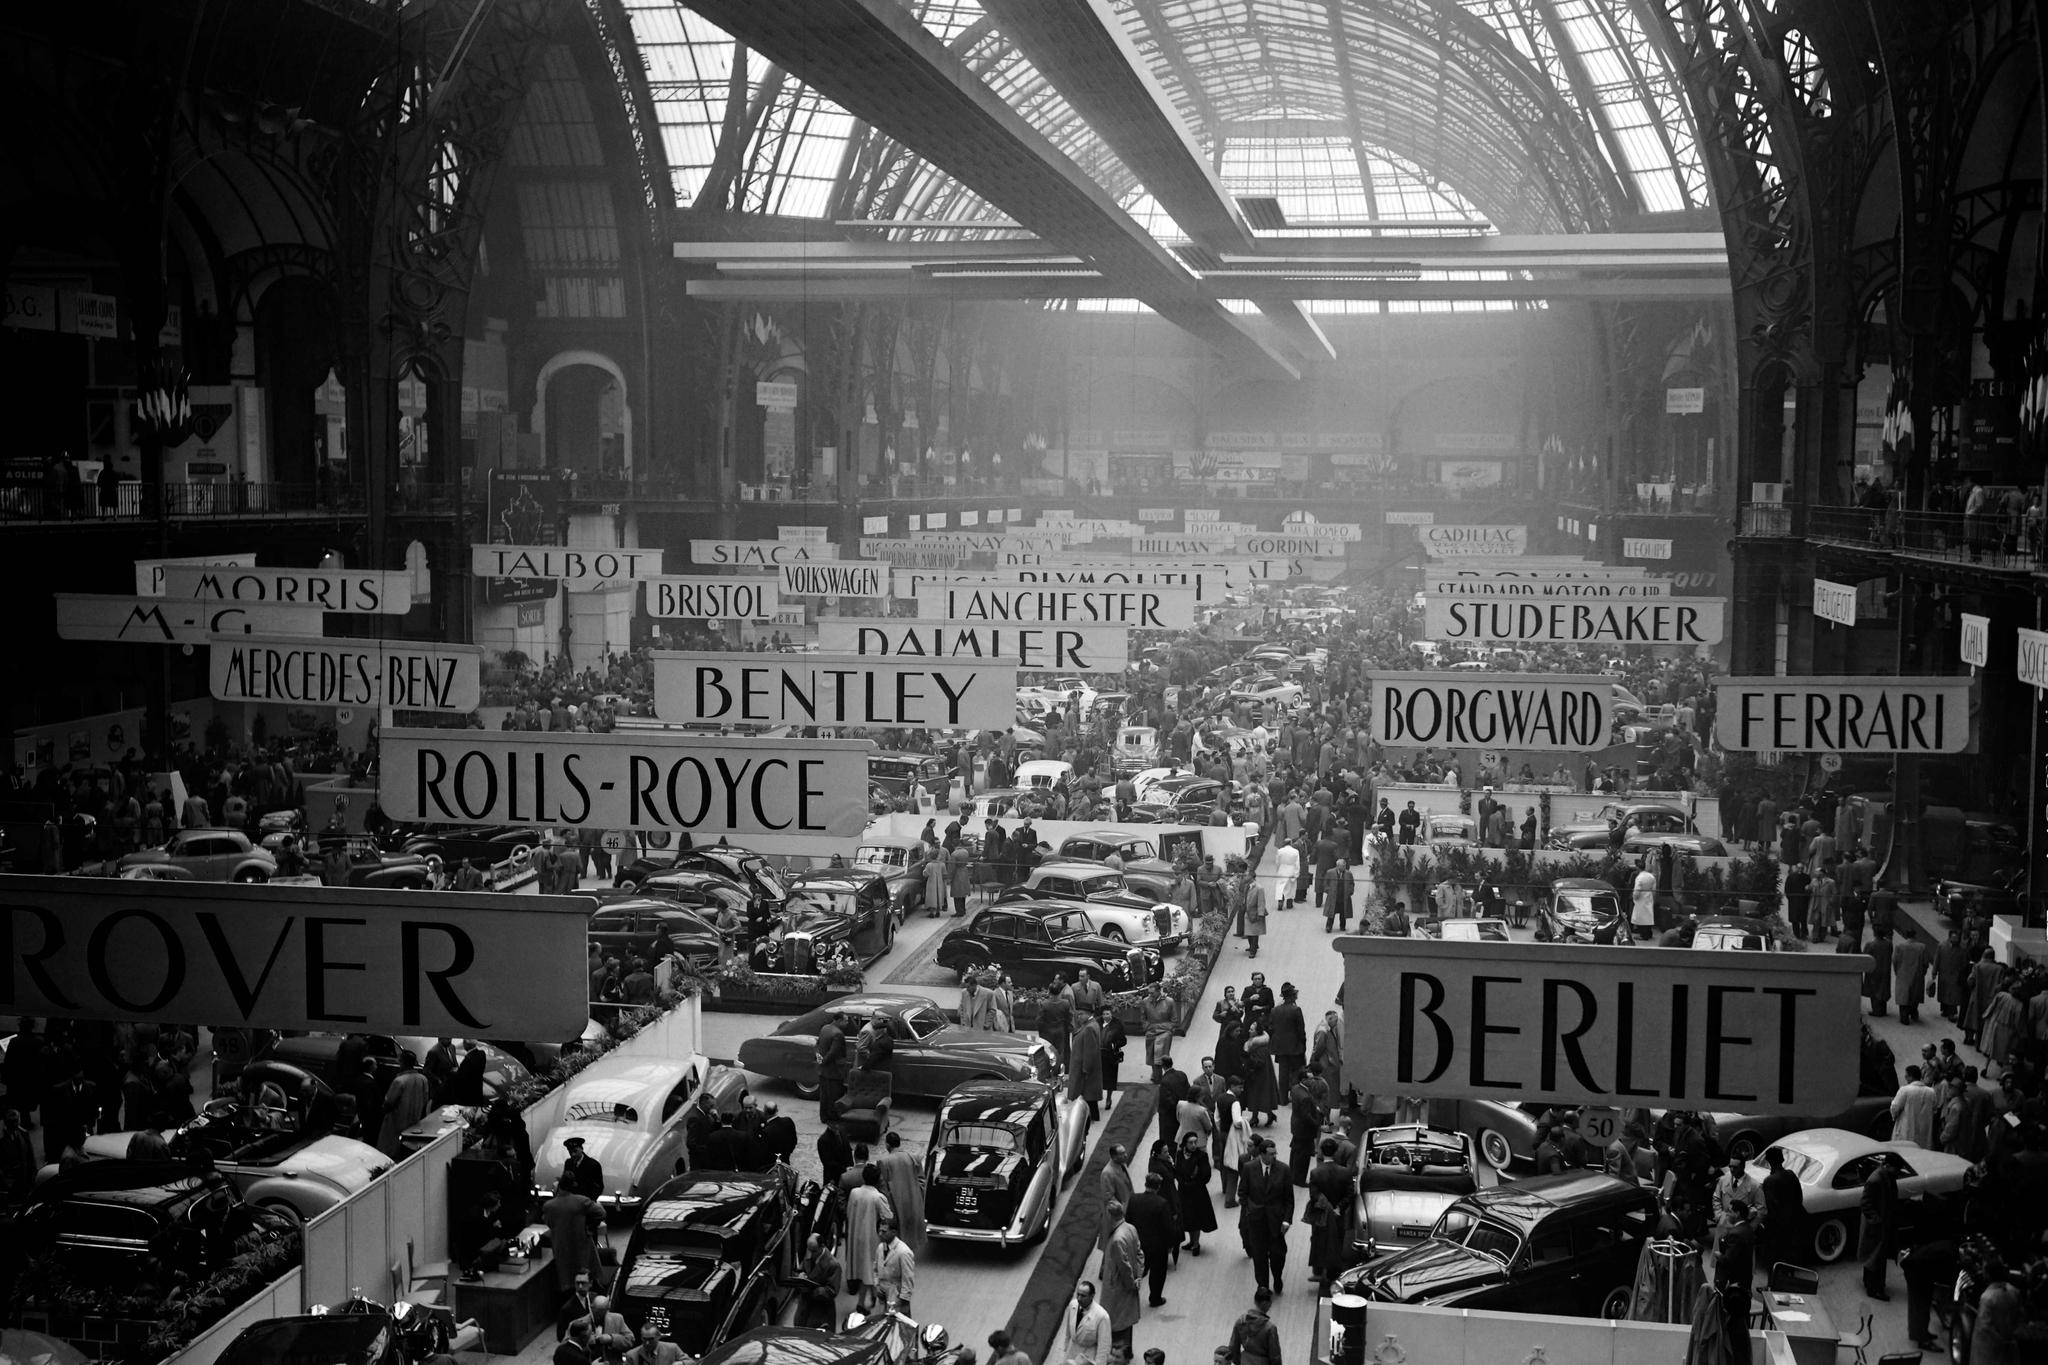 1952년 10월 2일 열린 '39회파리 국제모터쇼'. 페라리, 벤틀리, 벤츠 등 낯익은 자동차 브랜드가 즐비하다.2년마다 열리는 파리모터쇼는 제네바모터쇼,디트로이트모터쇼 등과 함께 세계 5대 모터쇼로 꼽힌다. [AFP=연합뉴스]